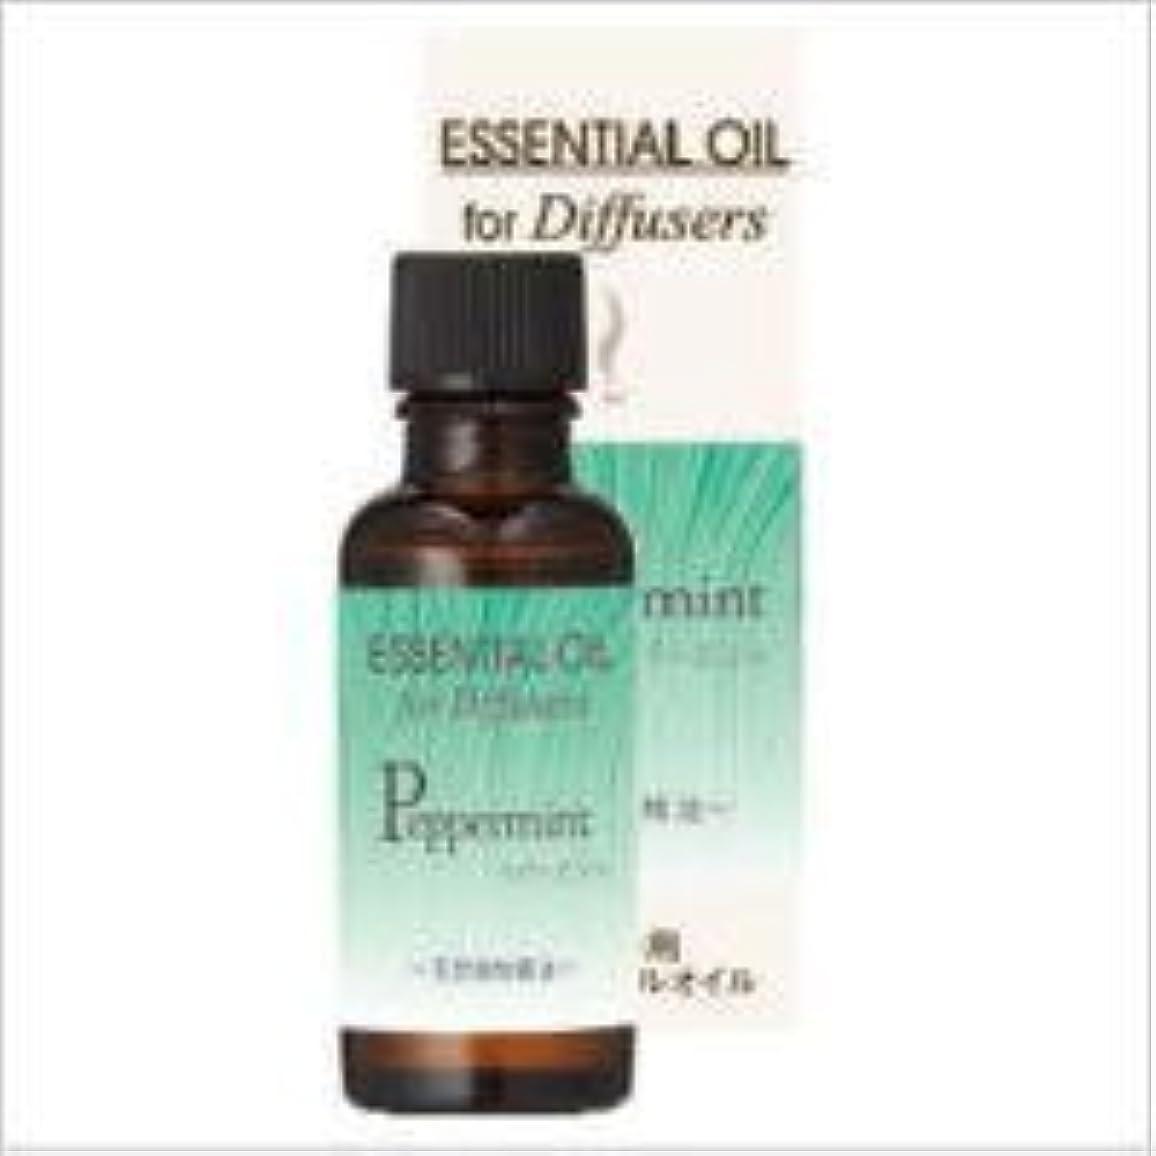 奨励します可塑性サンダル生活の木 芳香浴用エッセンシャルオイル ペパーミント[30ml] エッセンシャルオイル/精油